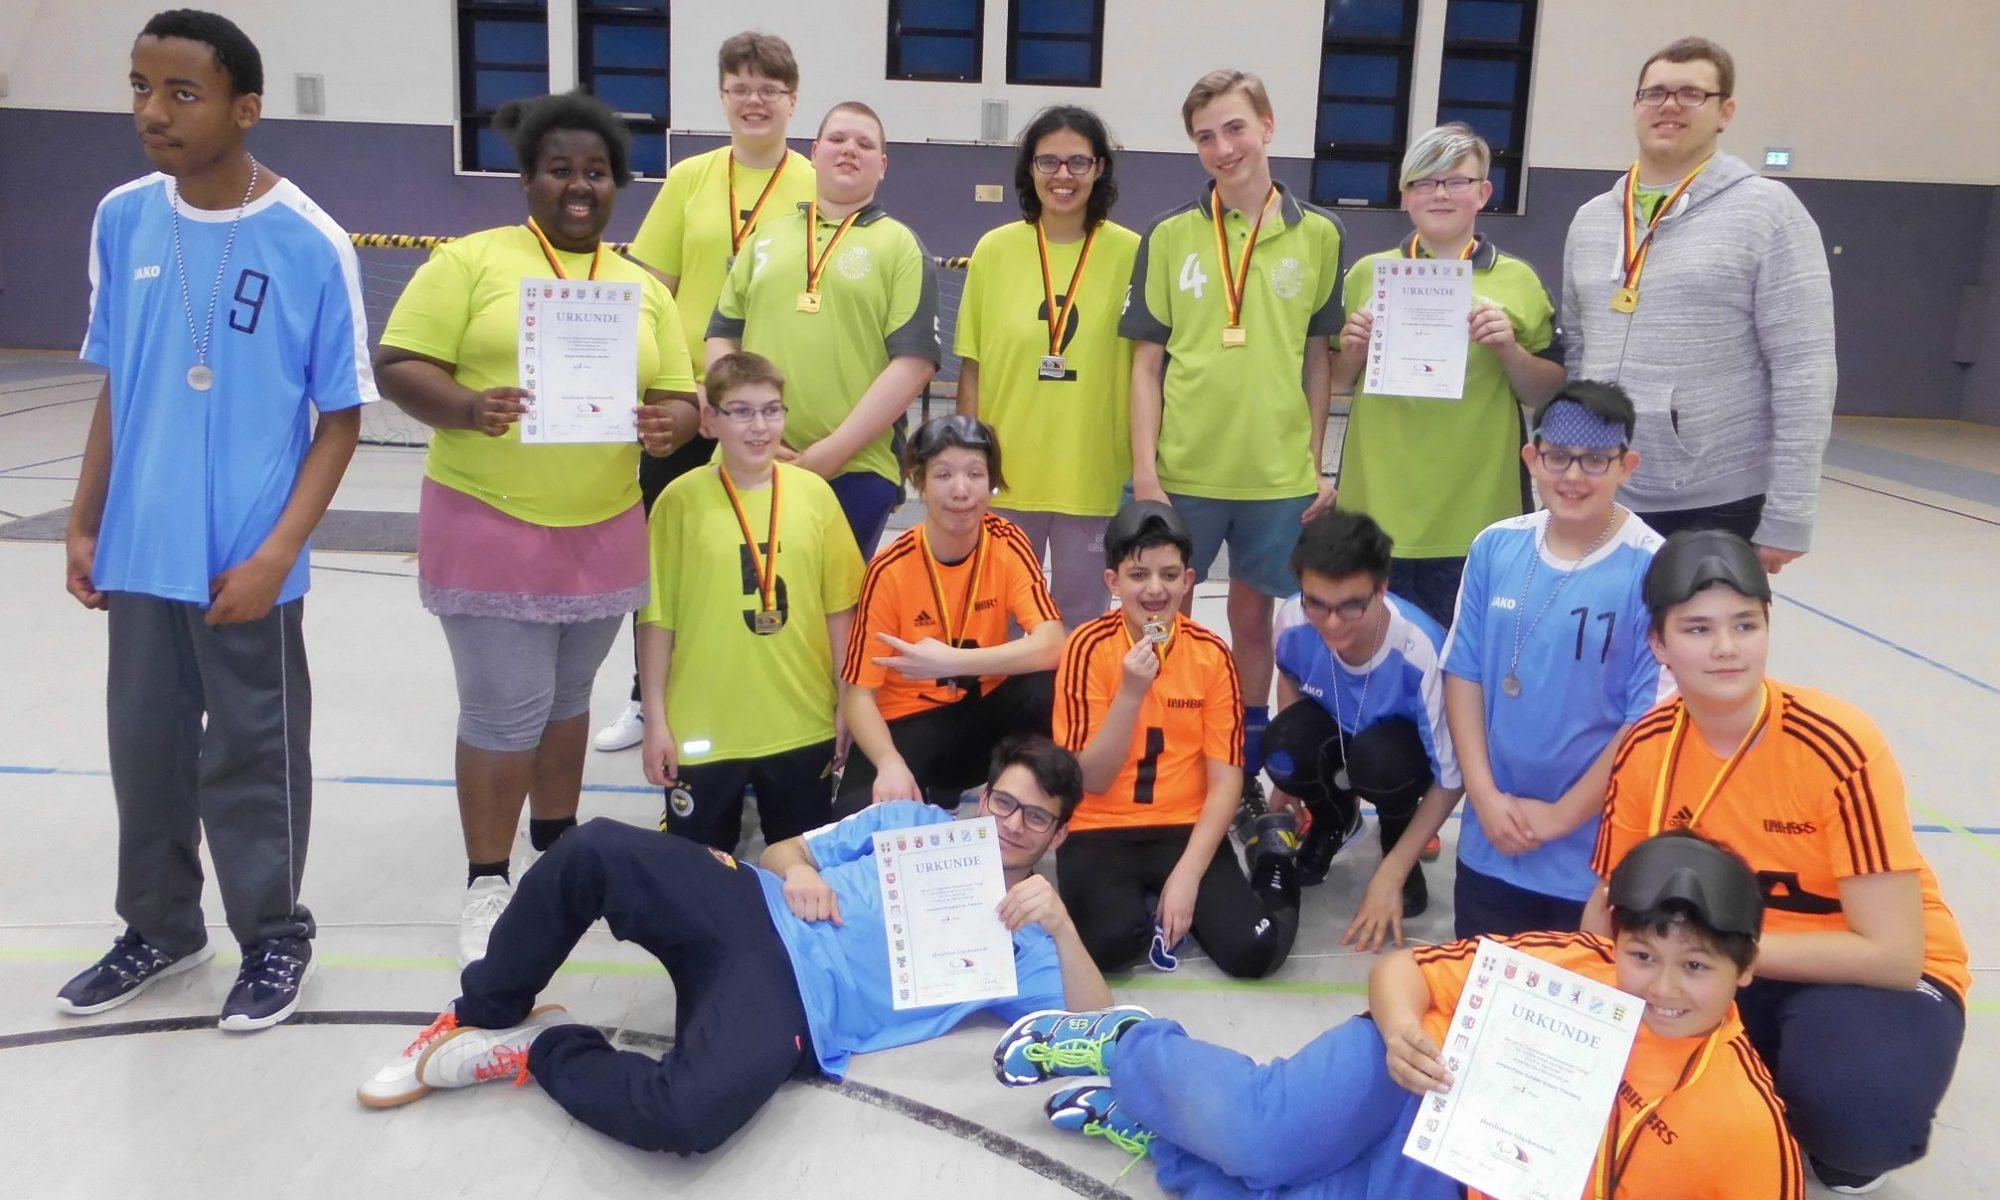 4. Deutsche Jugendmeisterschaft 2019